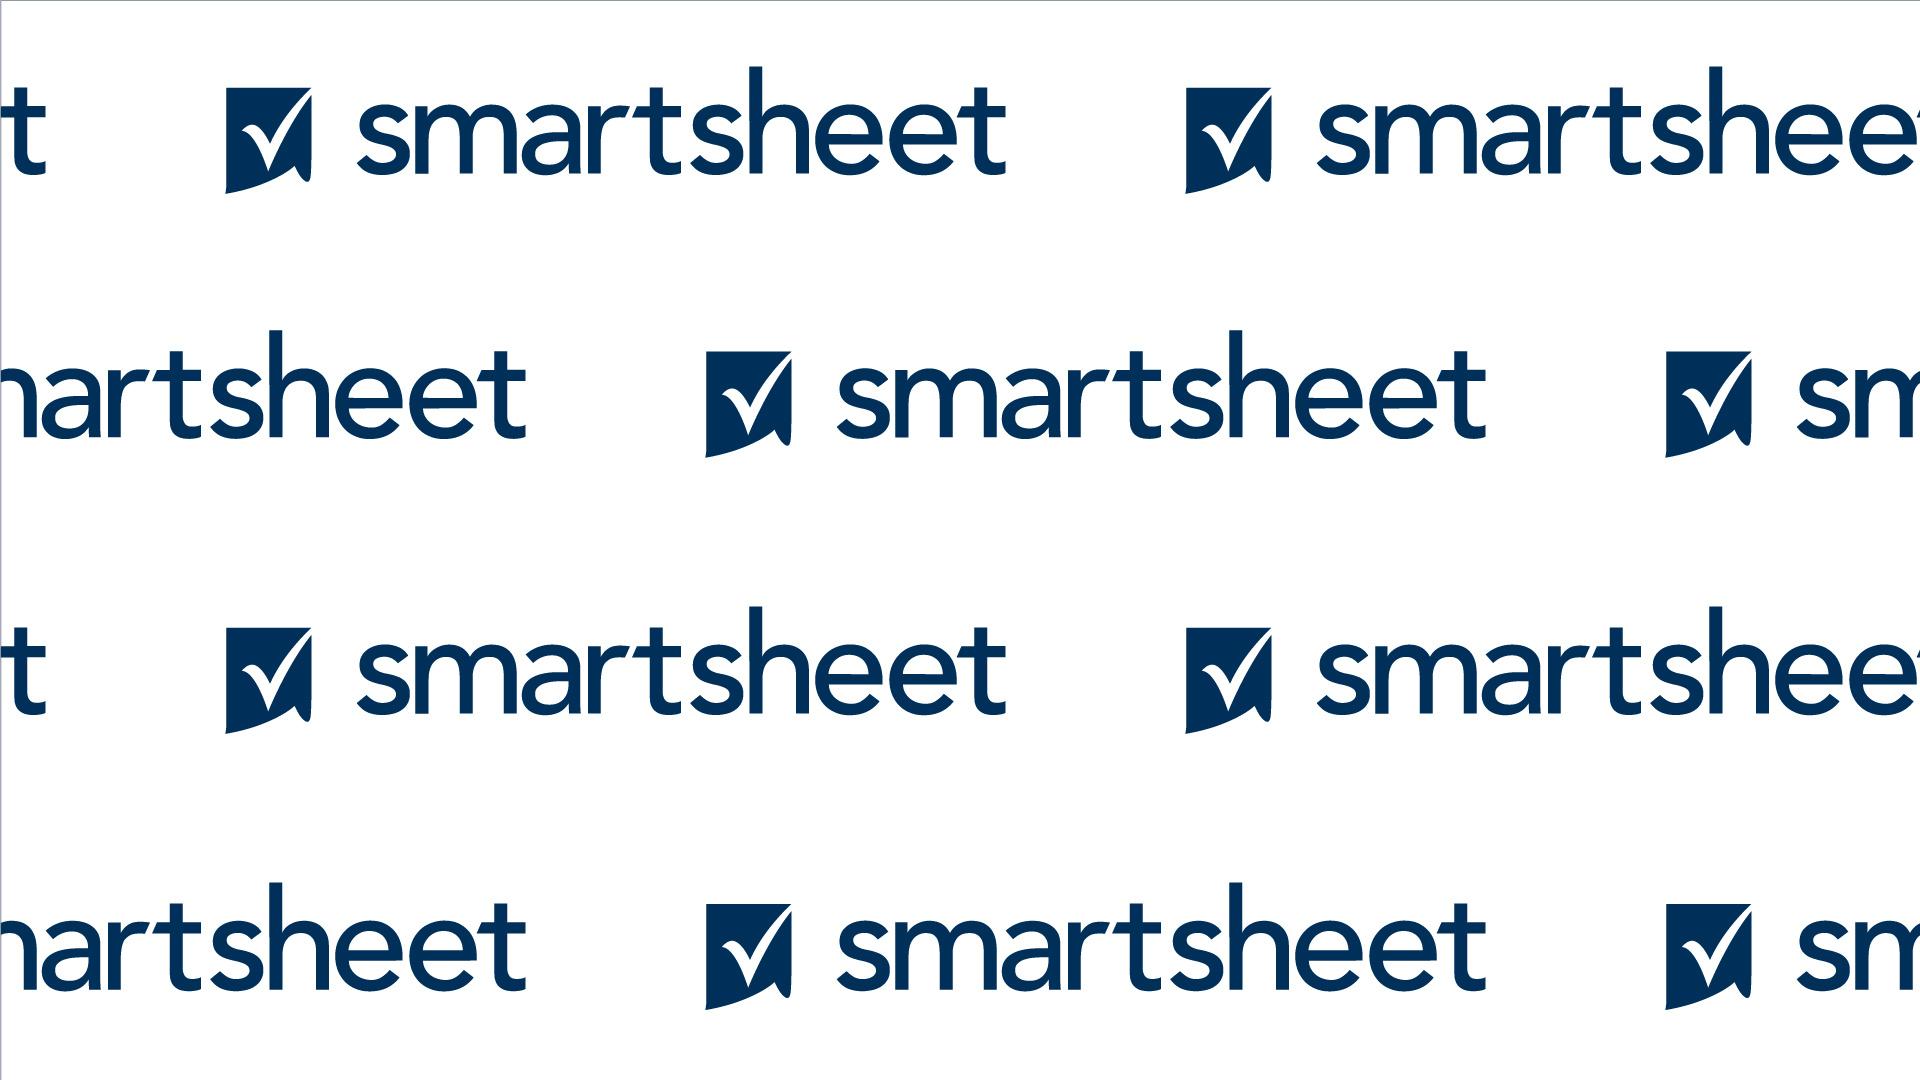 zoom-background-smartsheet-logo-pattern-inverse.jpg